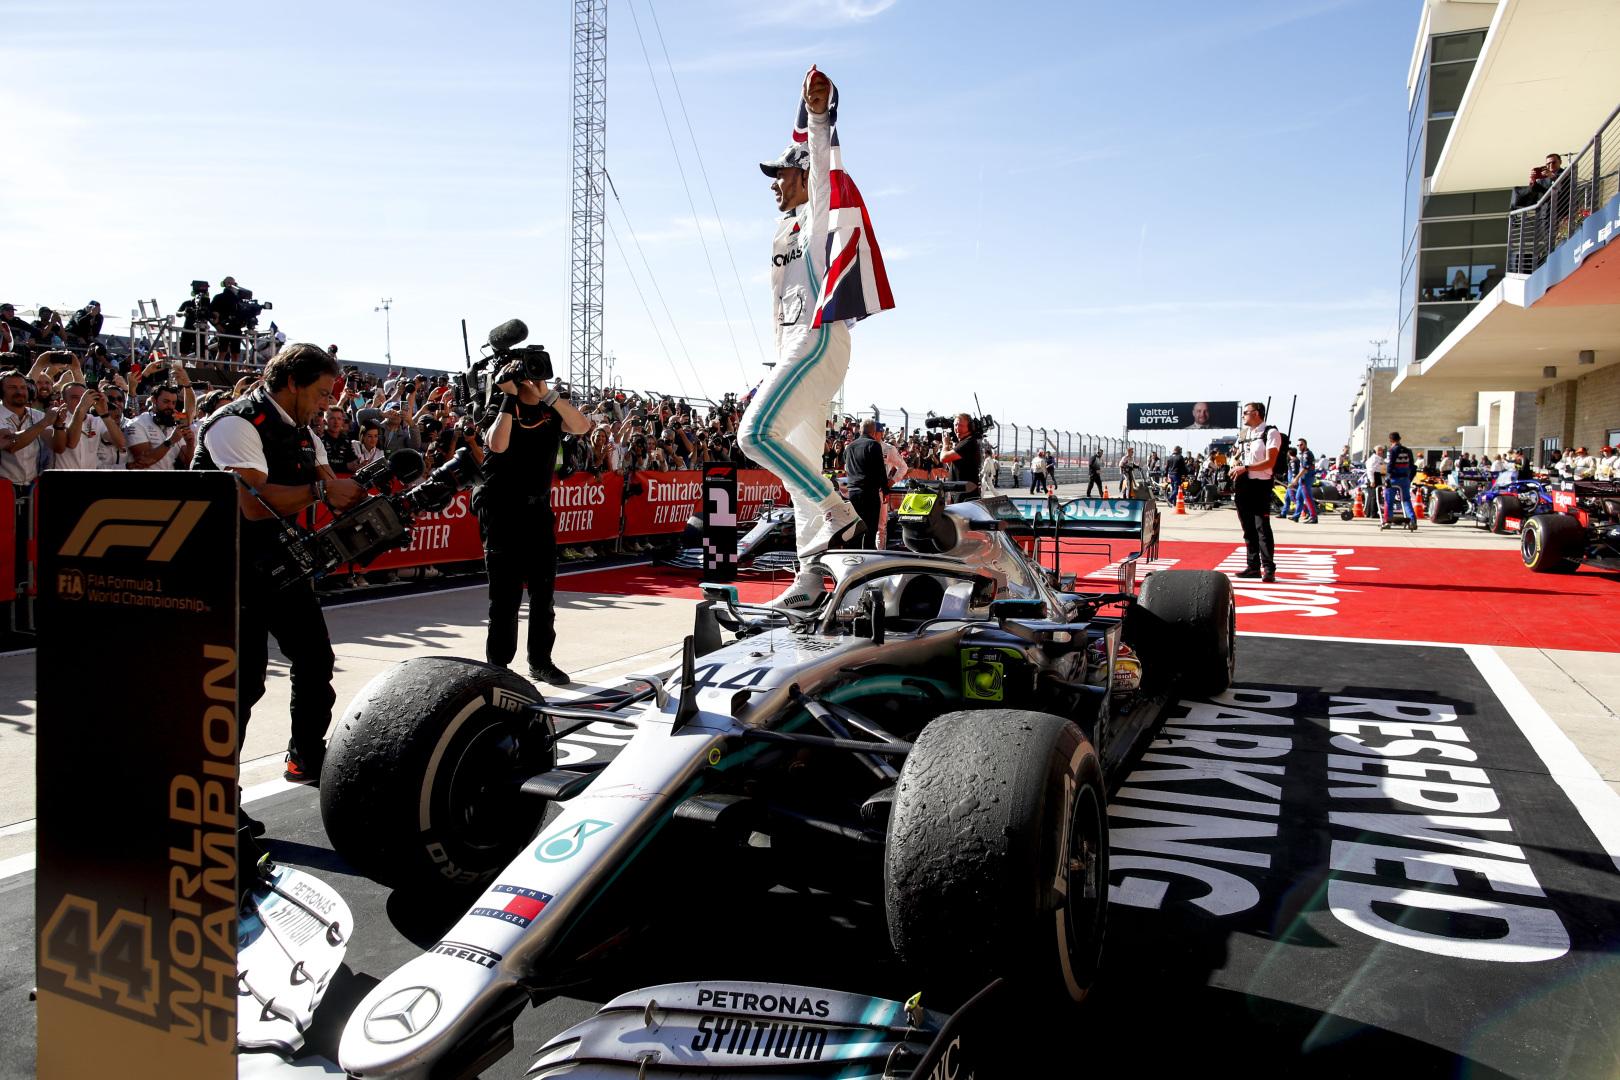 J. Palmeris: L. Hamiltonas tapo čempionu pilotuodamas geriausią bolidą